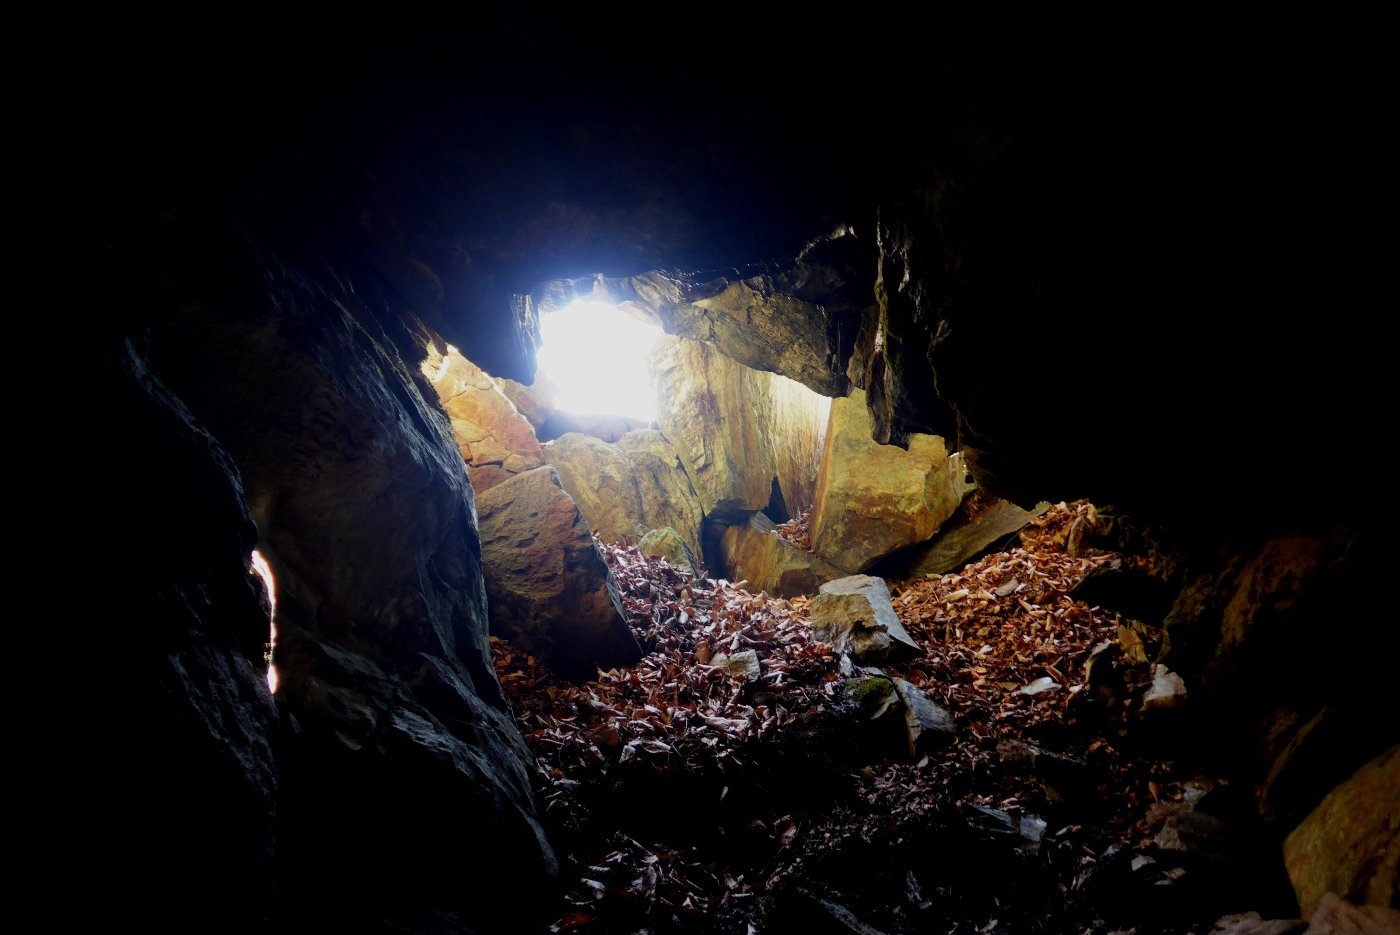 L'entrata della grotta